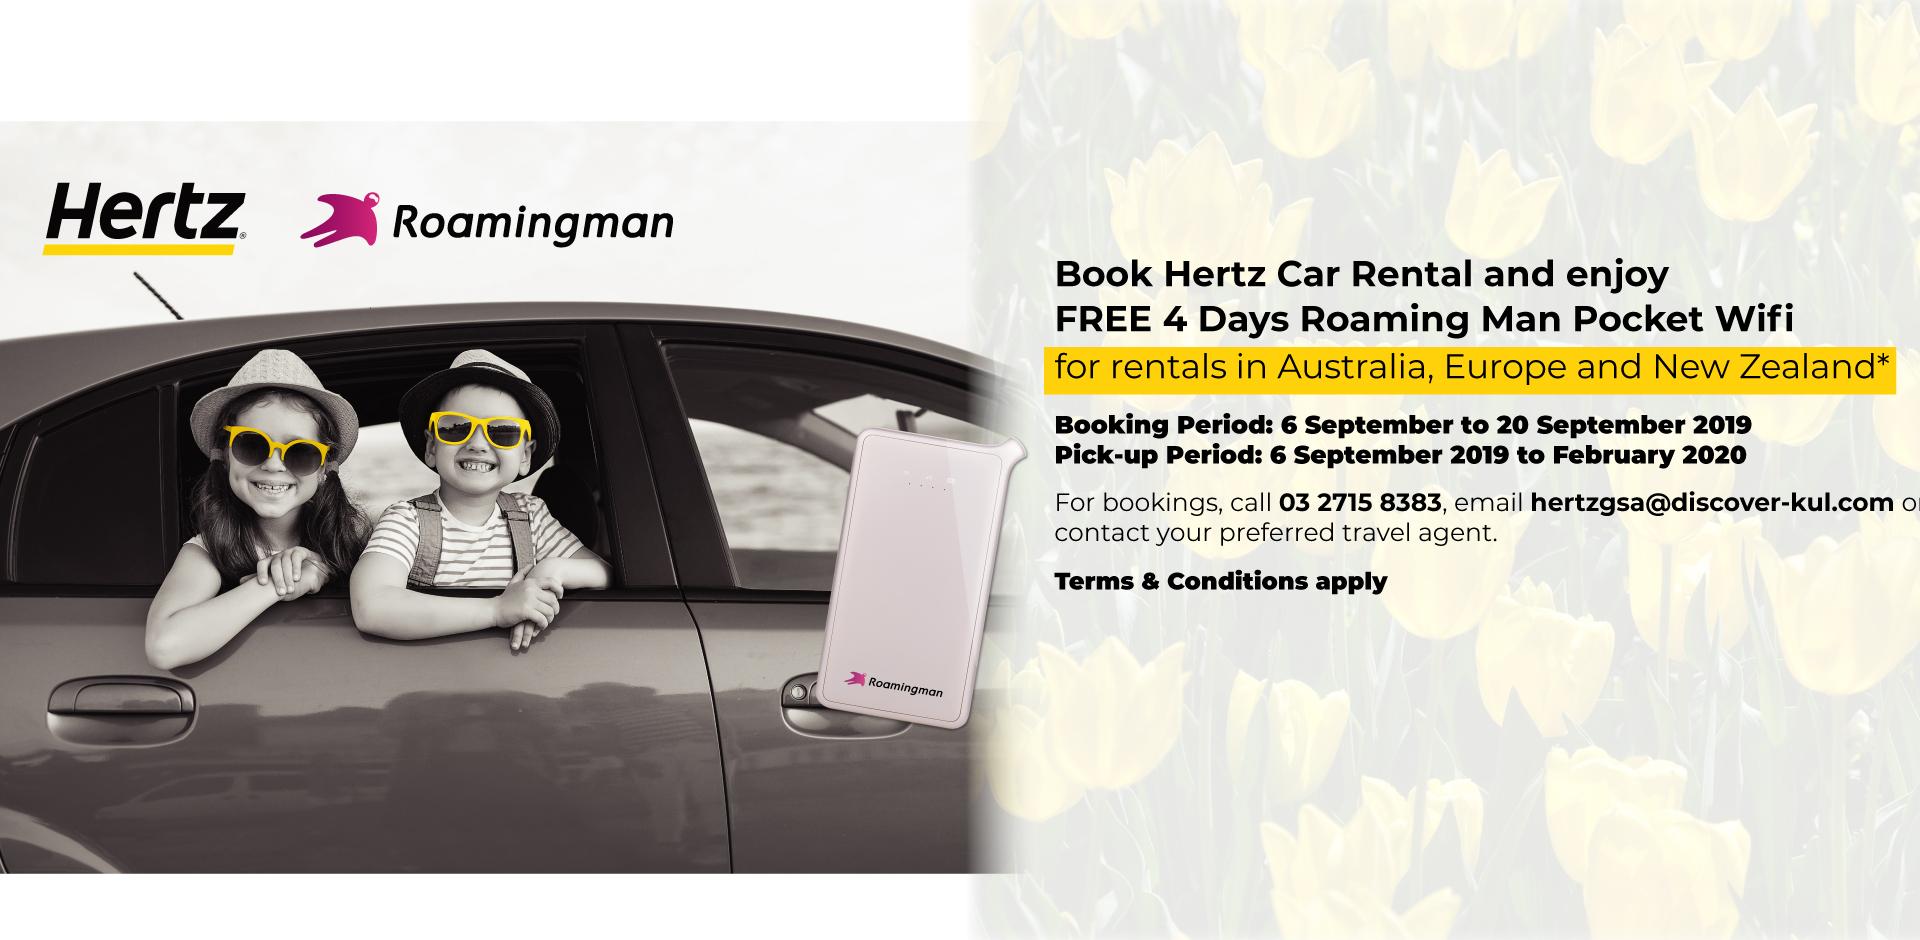 Roaming Man Pocket Wifi Rental